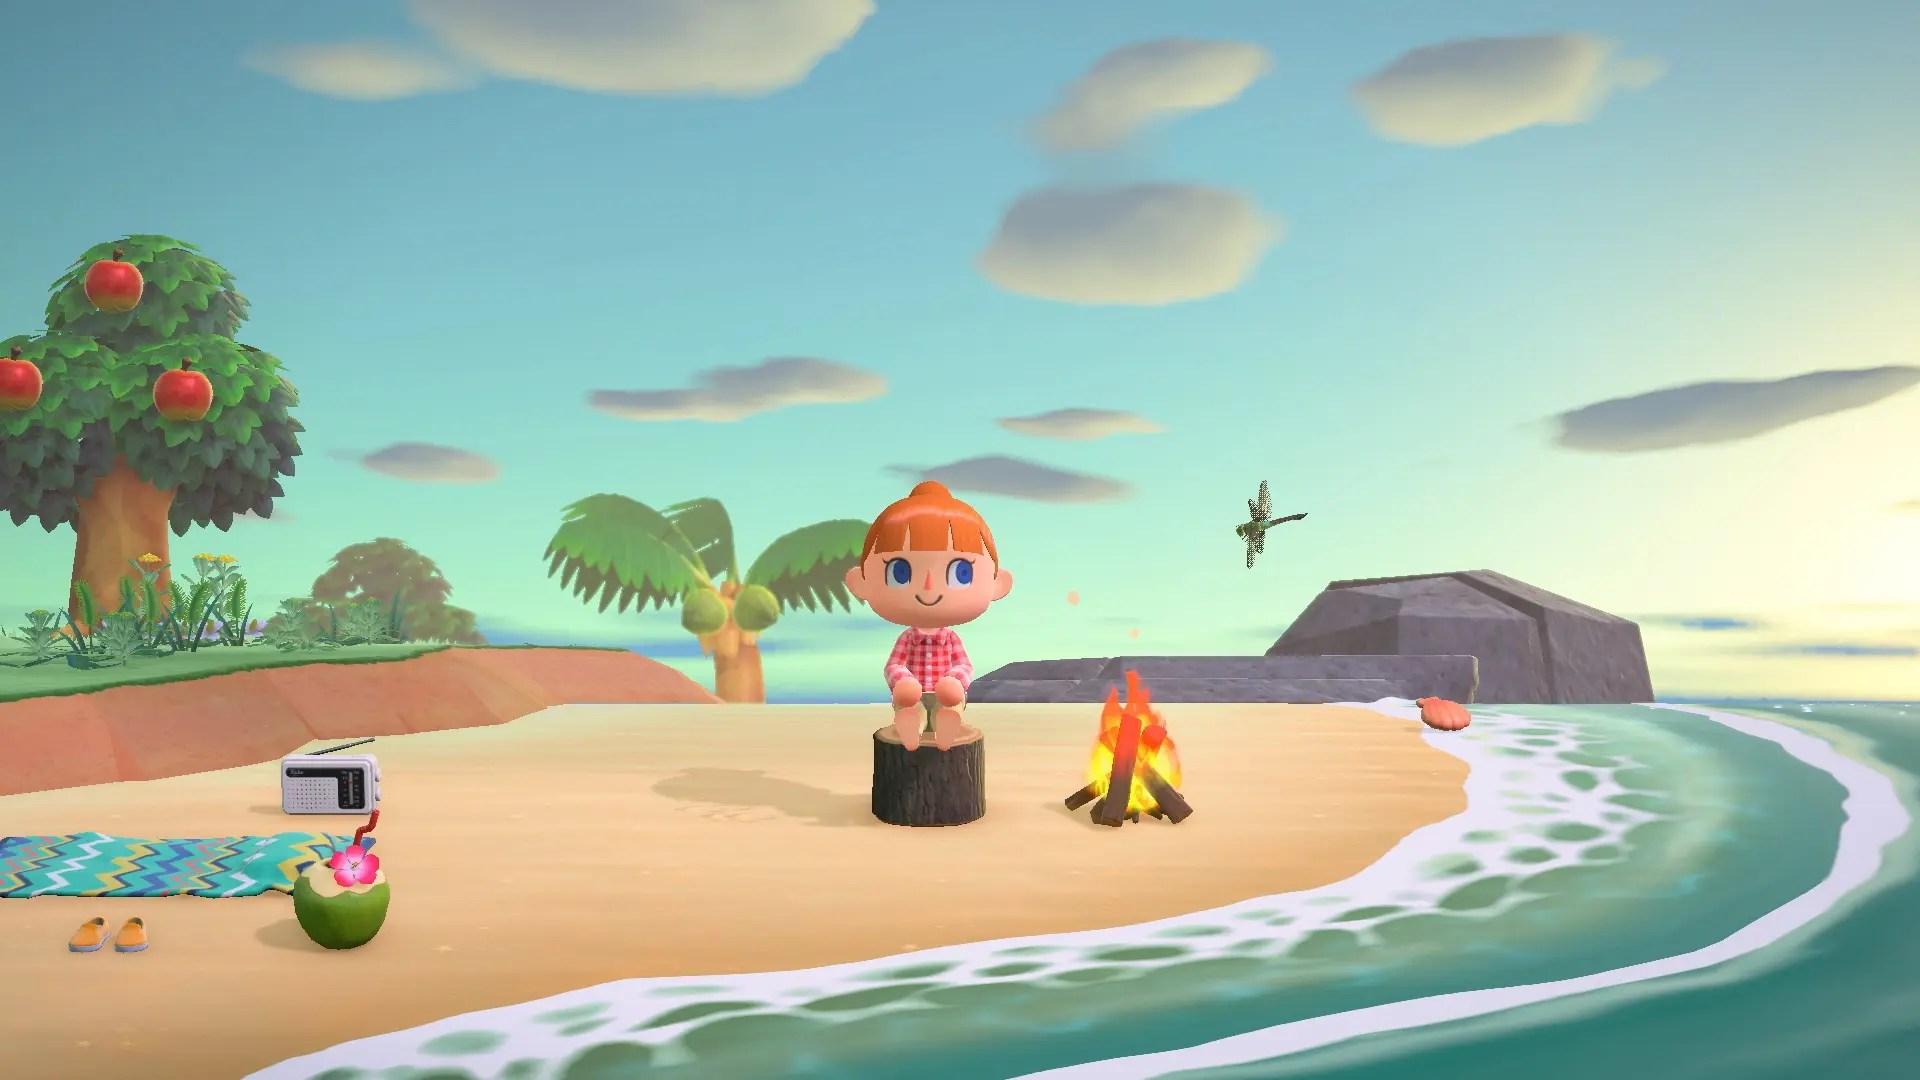 Animal Crossing: New Horizons E3 2019 Screenshot 1